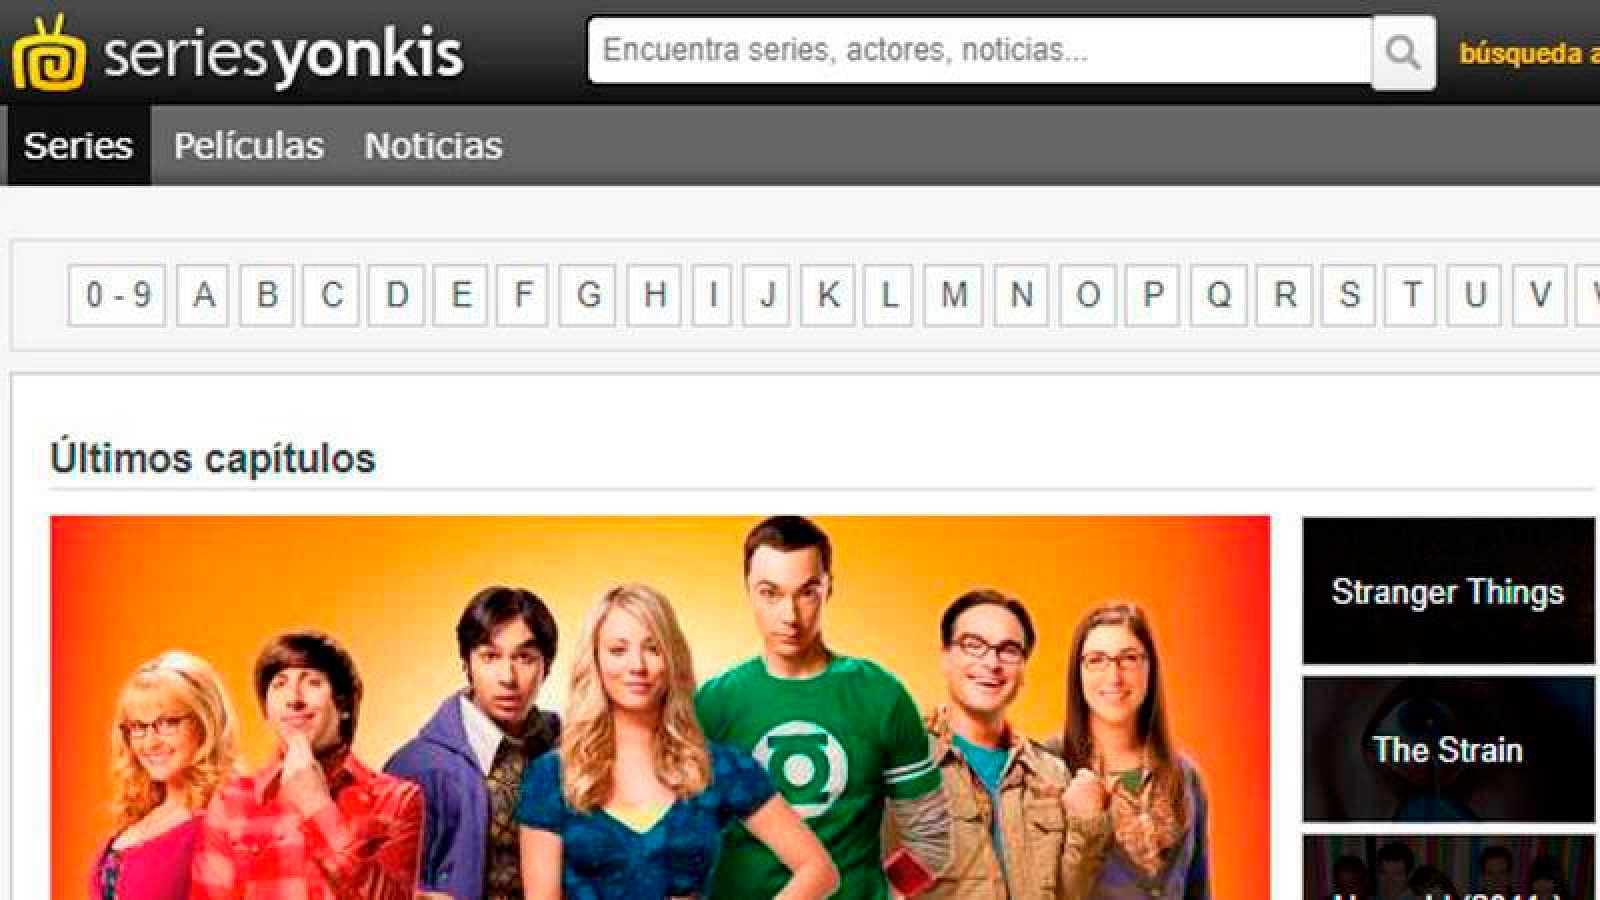 El creador de 'seriesyonkis' descarga la responsabilidad en los usuarios de la web